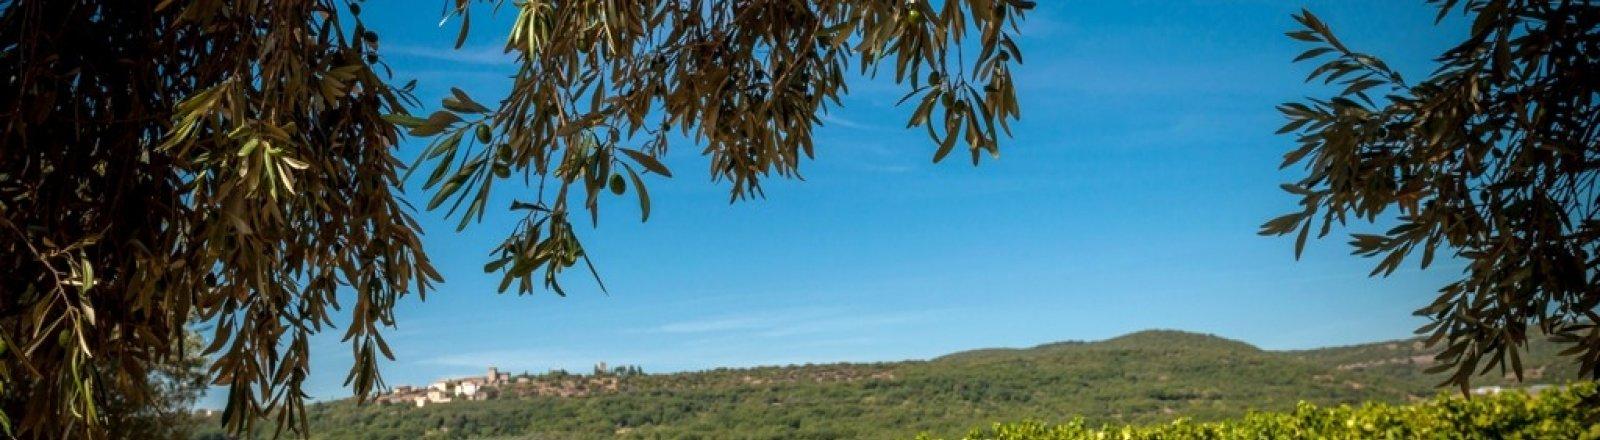 LES VIGNERONS DE SAINT-FELIX - SAINT-JEAN  © 2016 - Sud de France Développement/Vignoble des deux terres - Office de tourisme du Clermontais